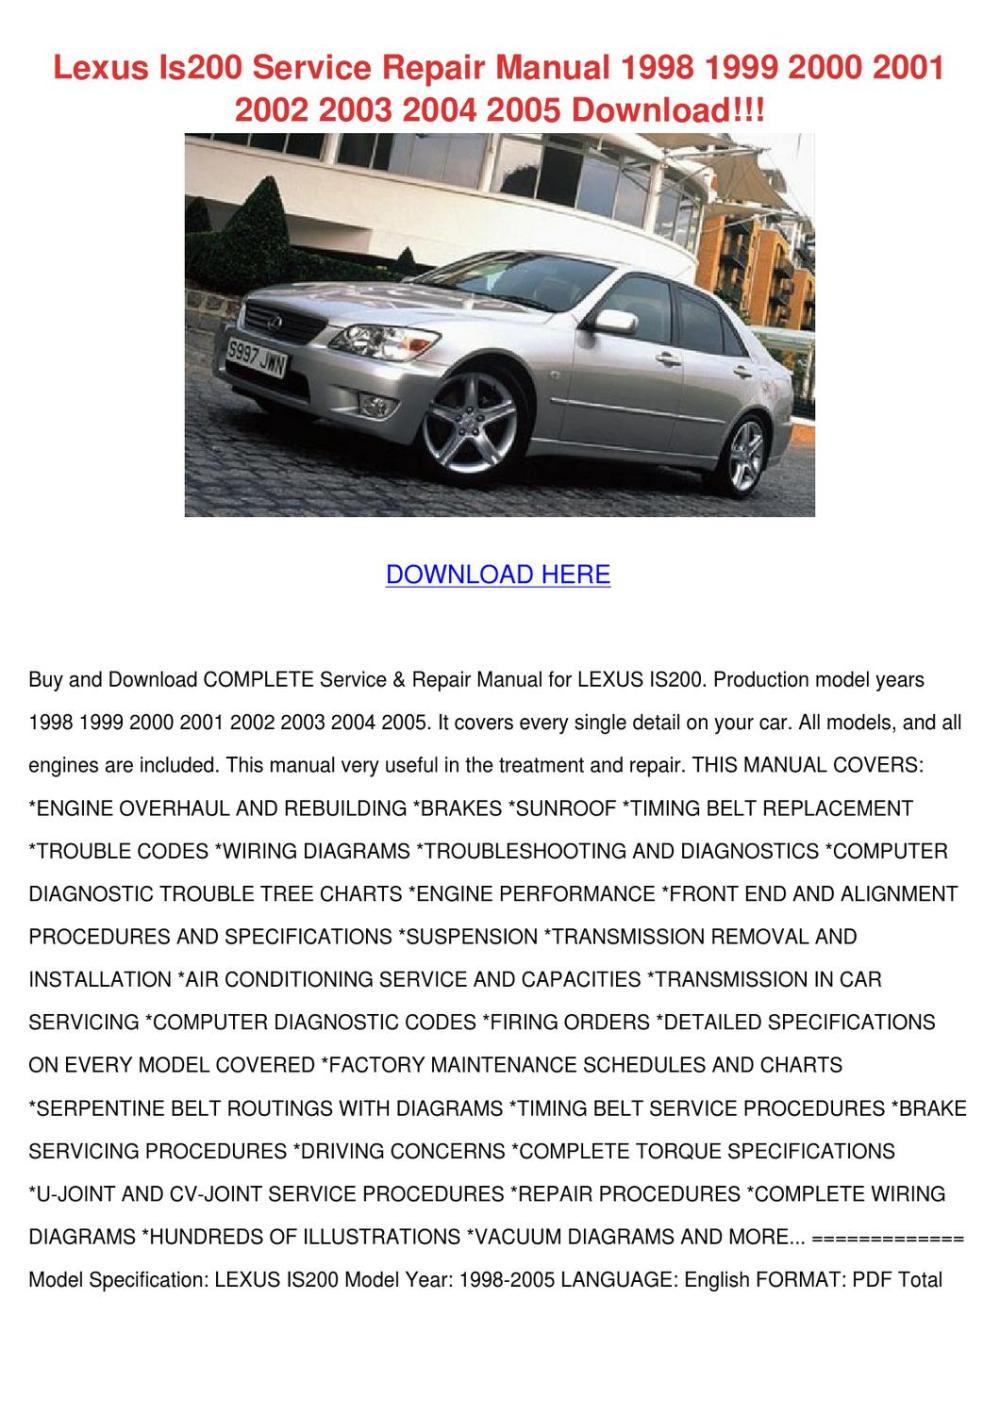 medium resolution of lexus is200 service repair manual 1998 1999 2